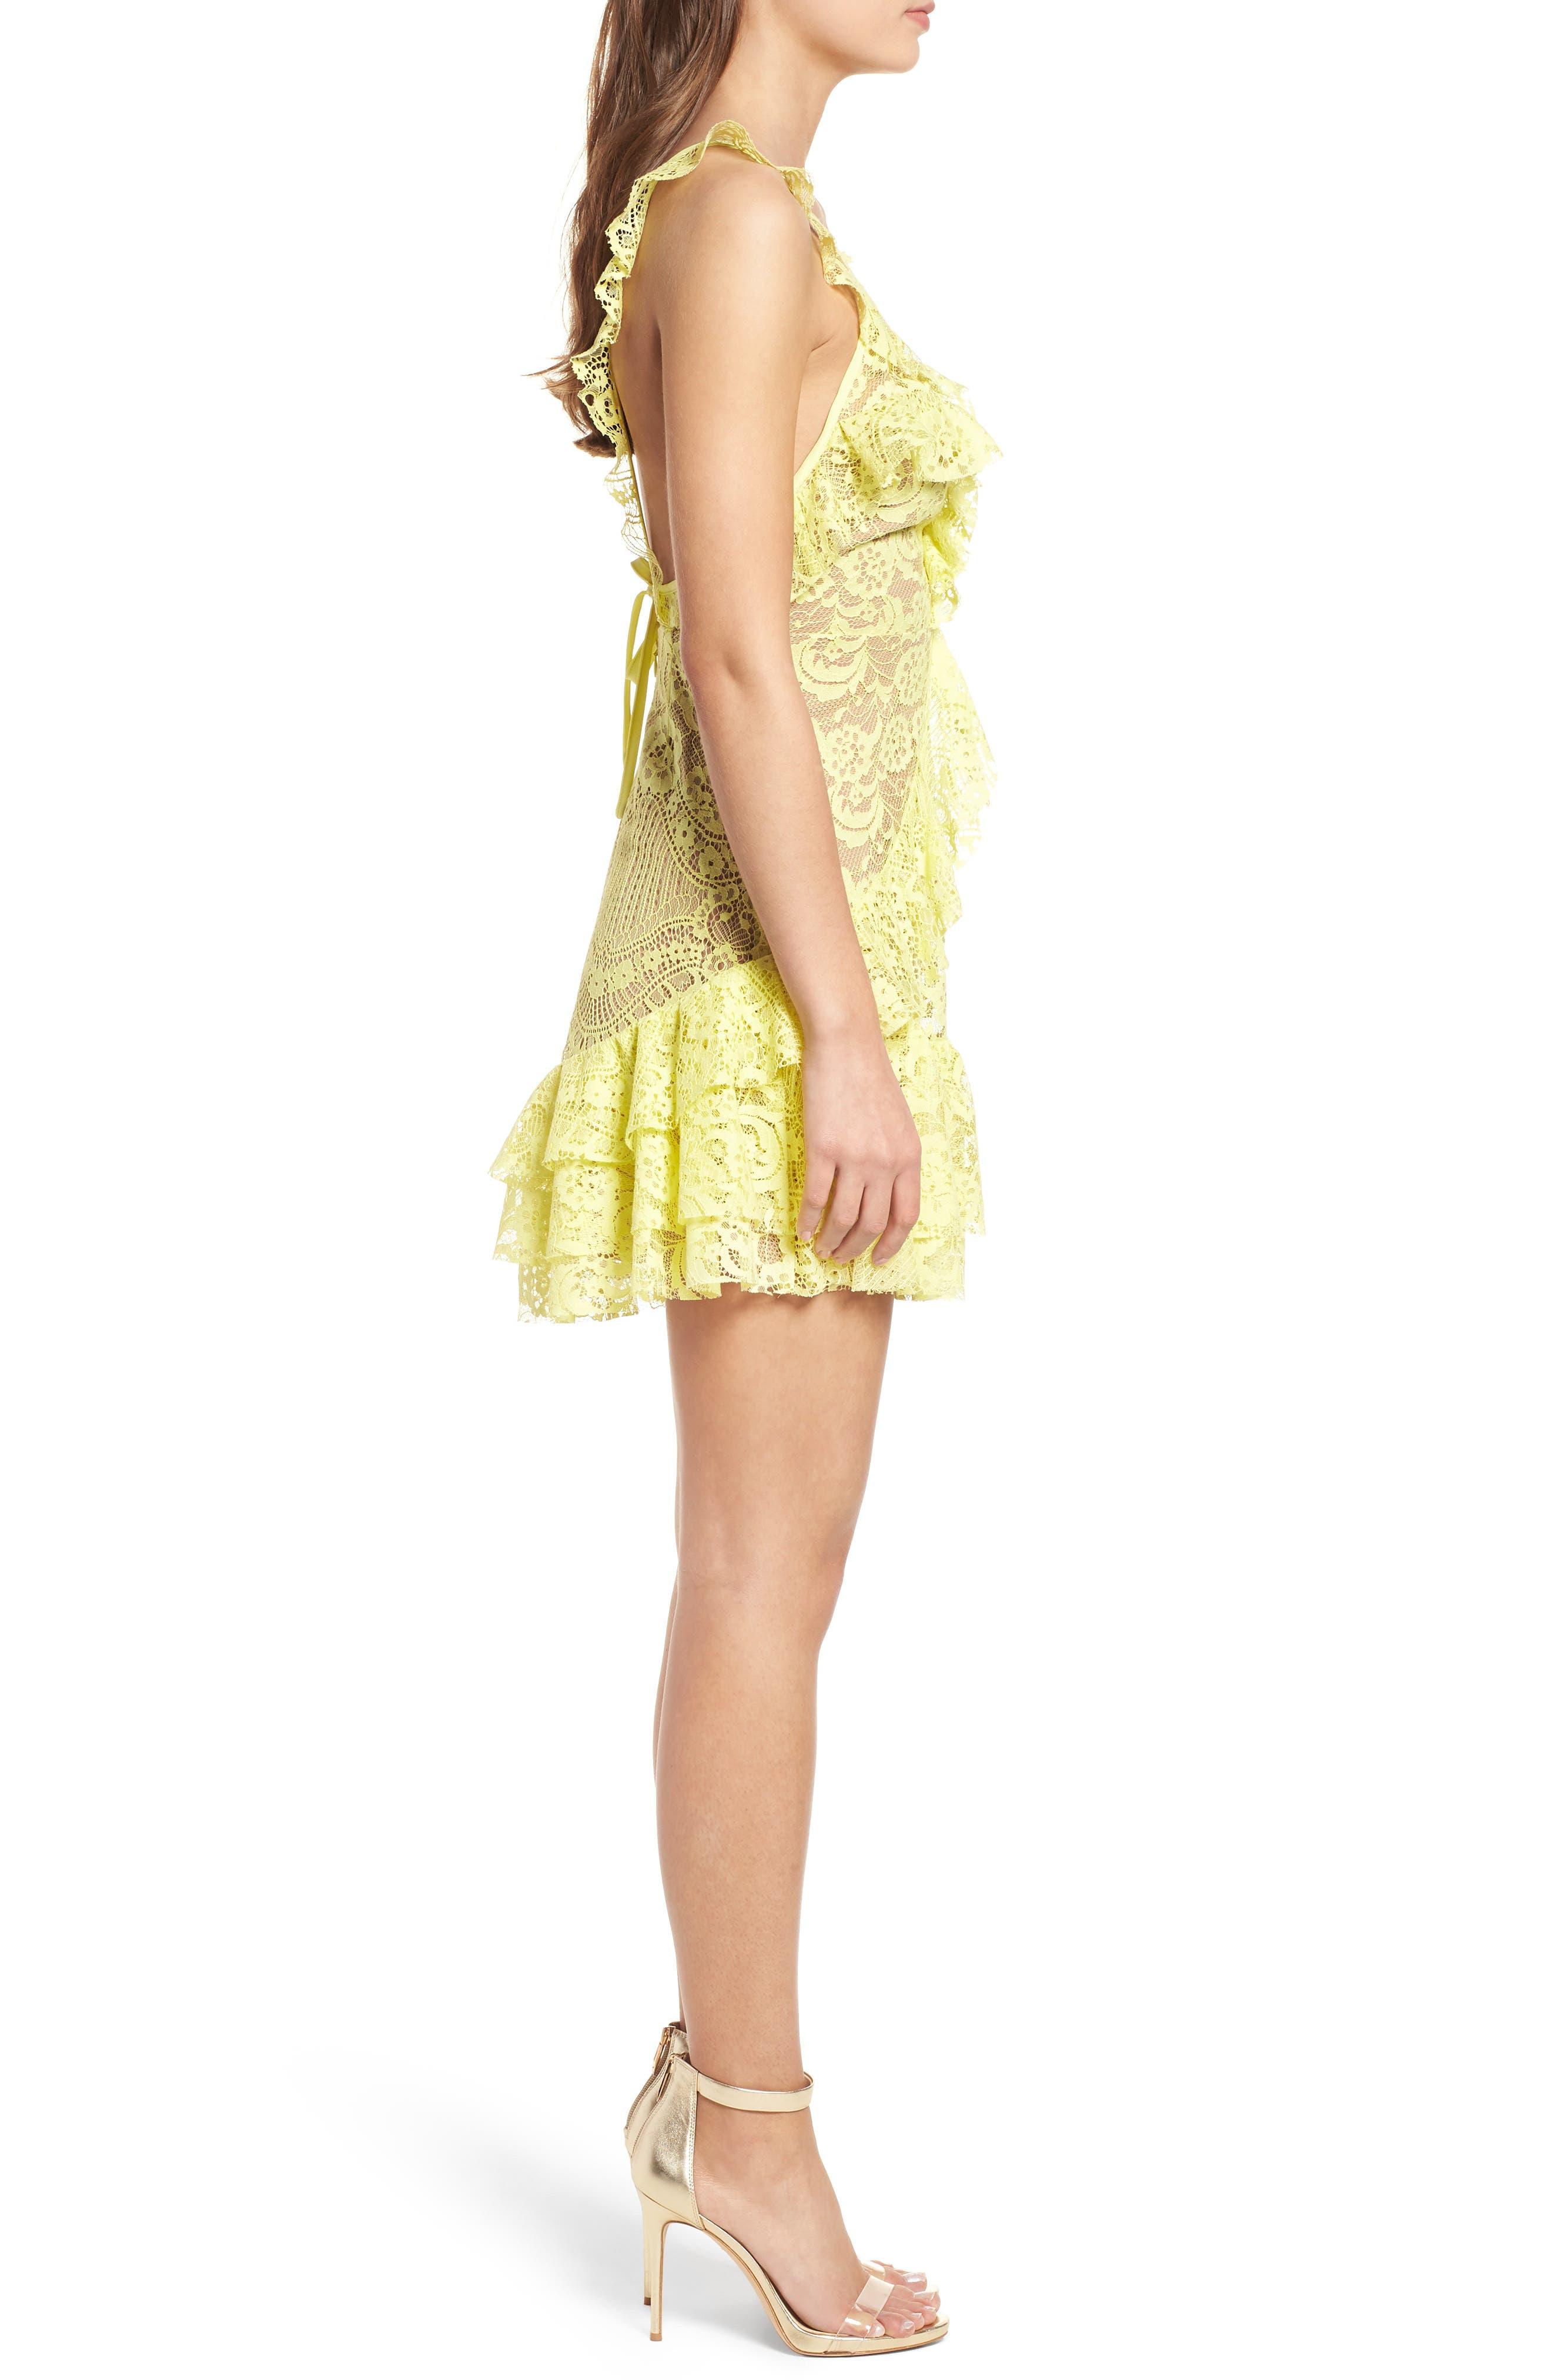 Tati Lace Minidress,                             Alternate thumbnail 3, color,                             Lemon